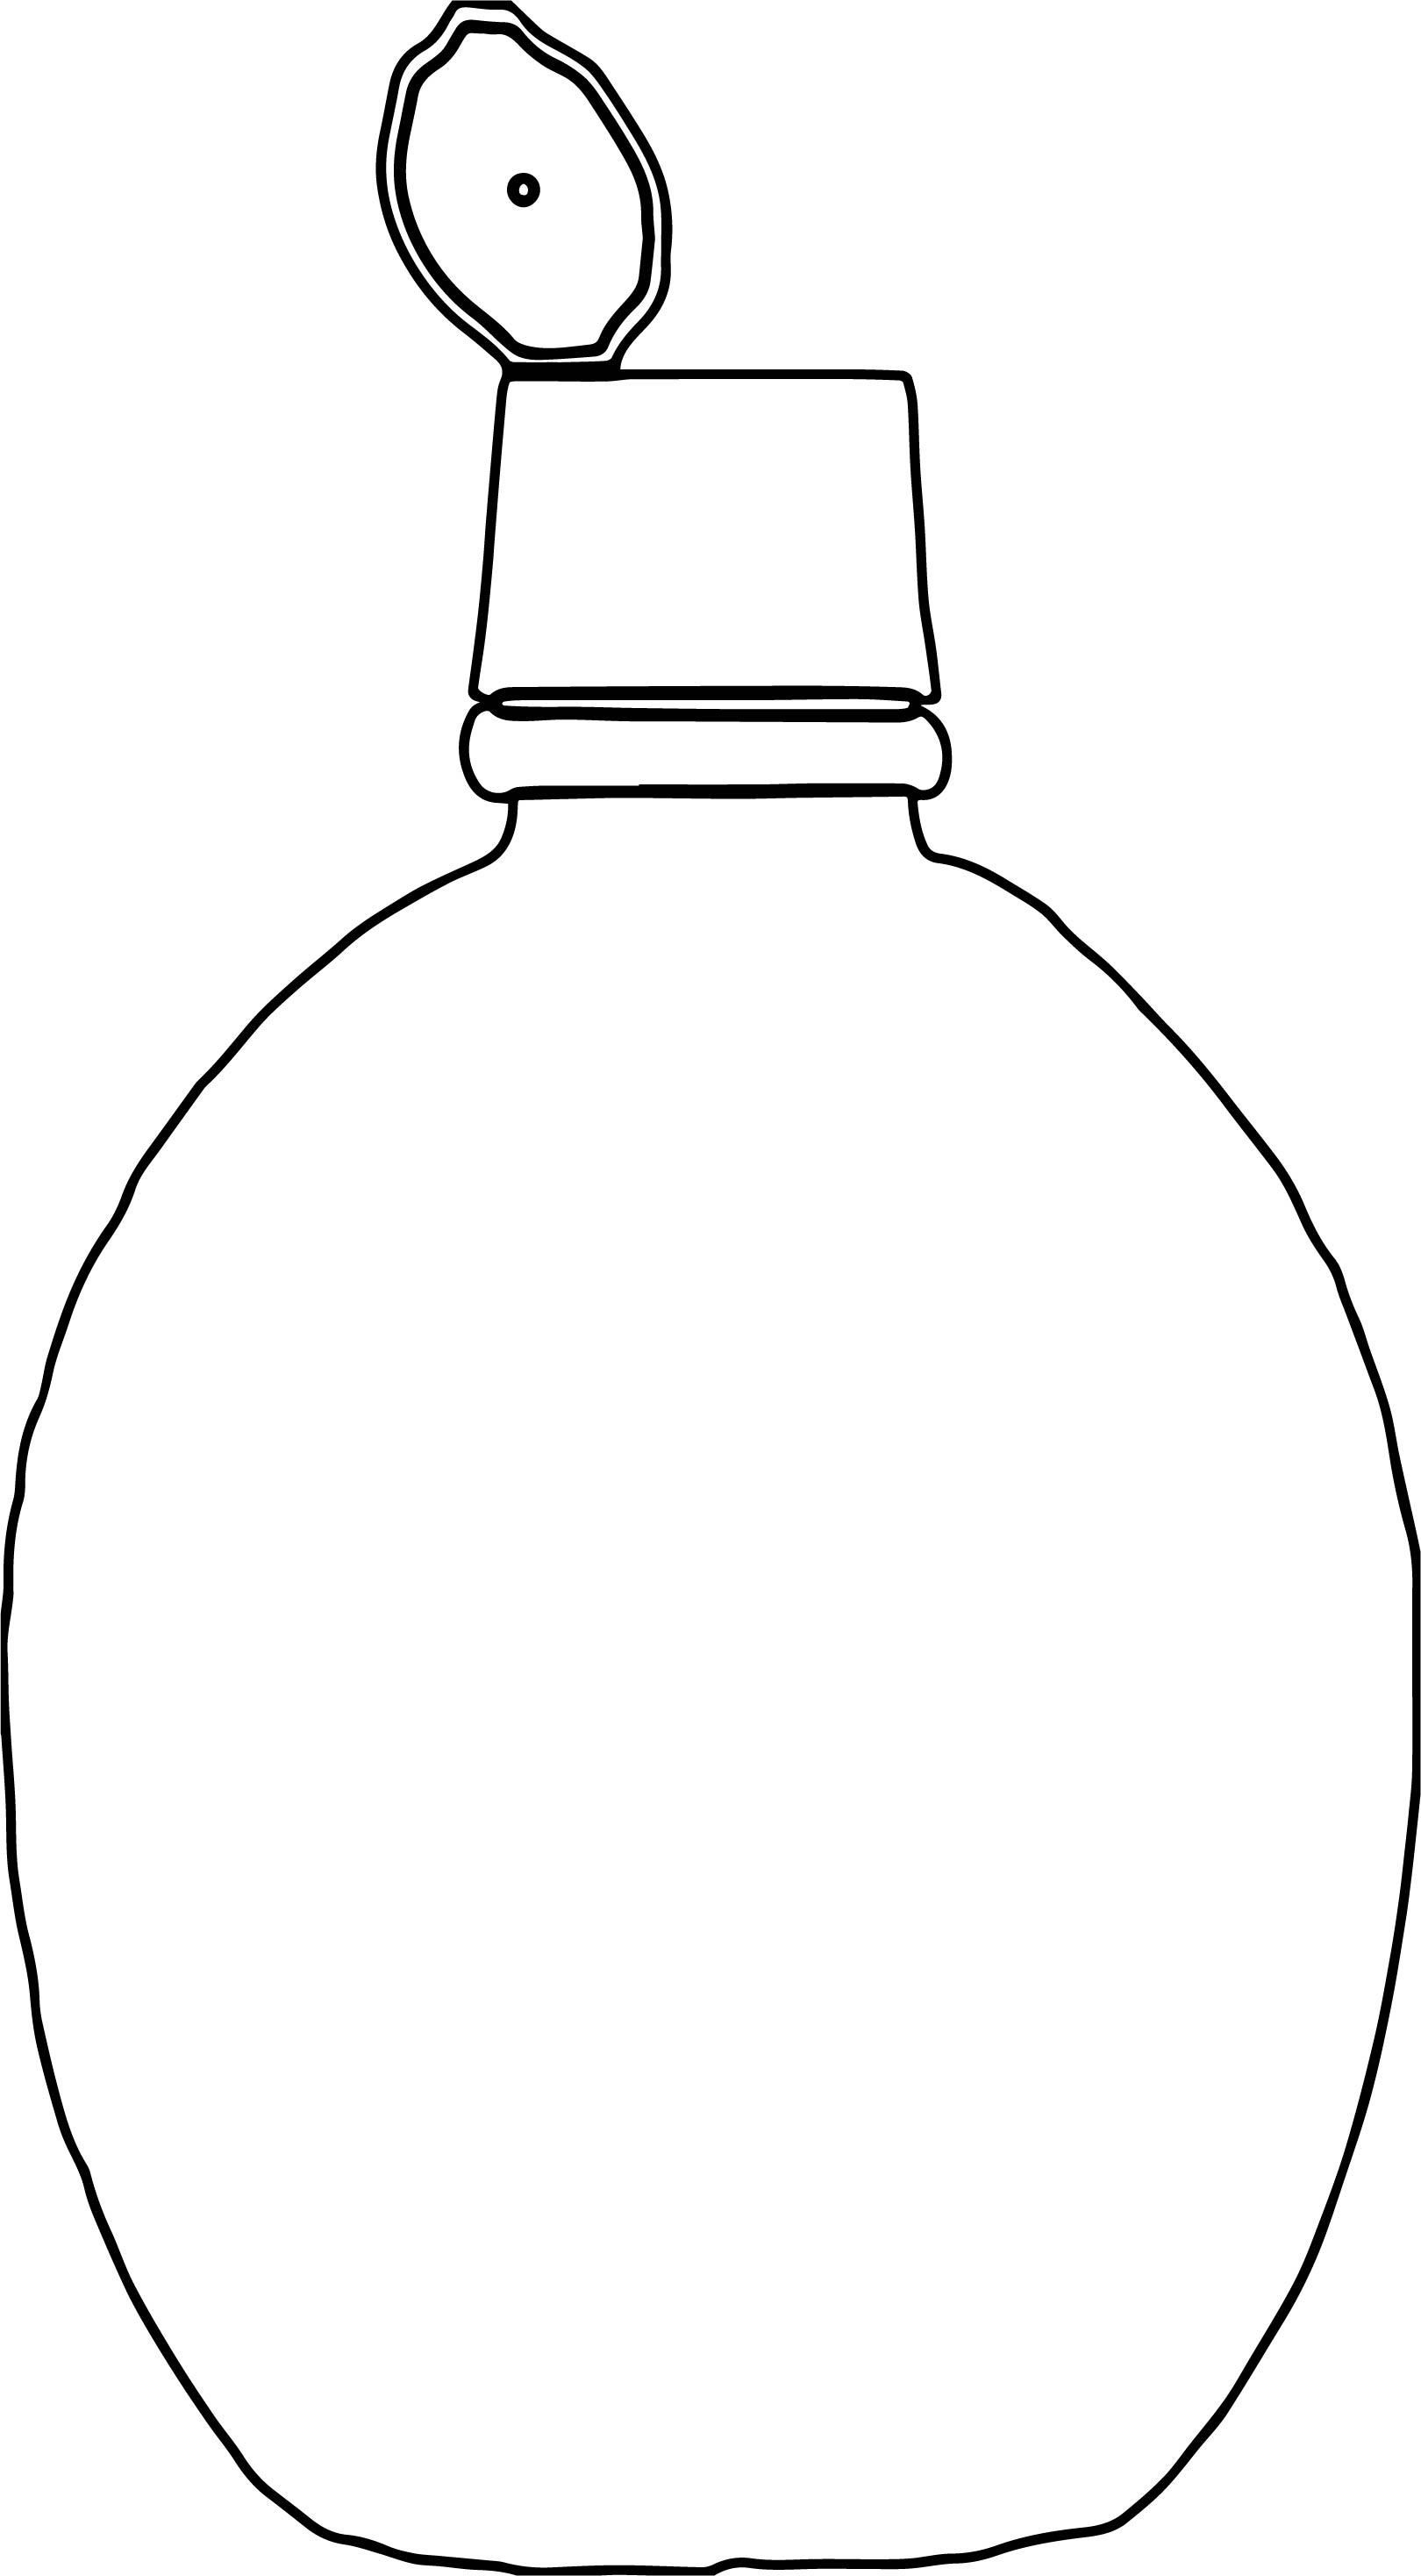 Lemon Juice Bottle Coloring Page